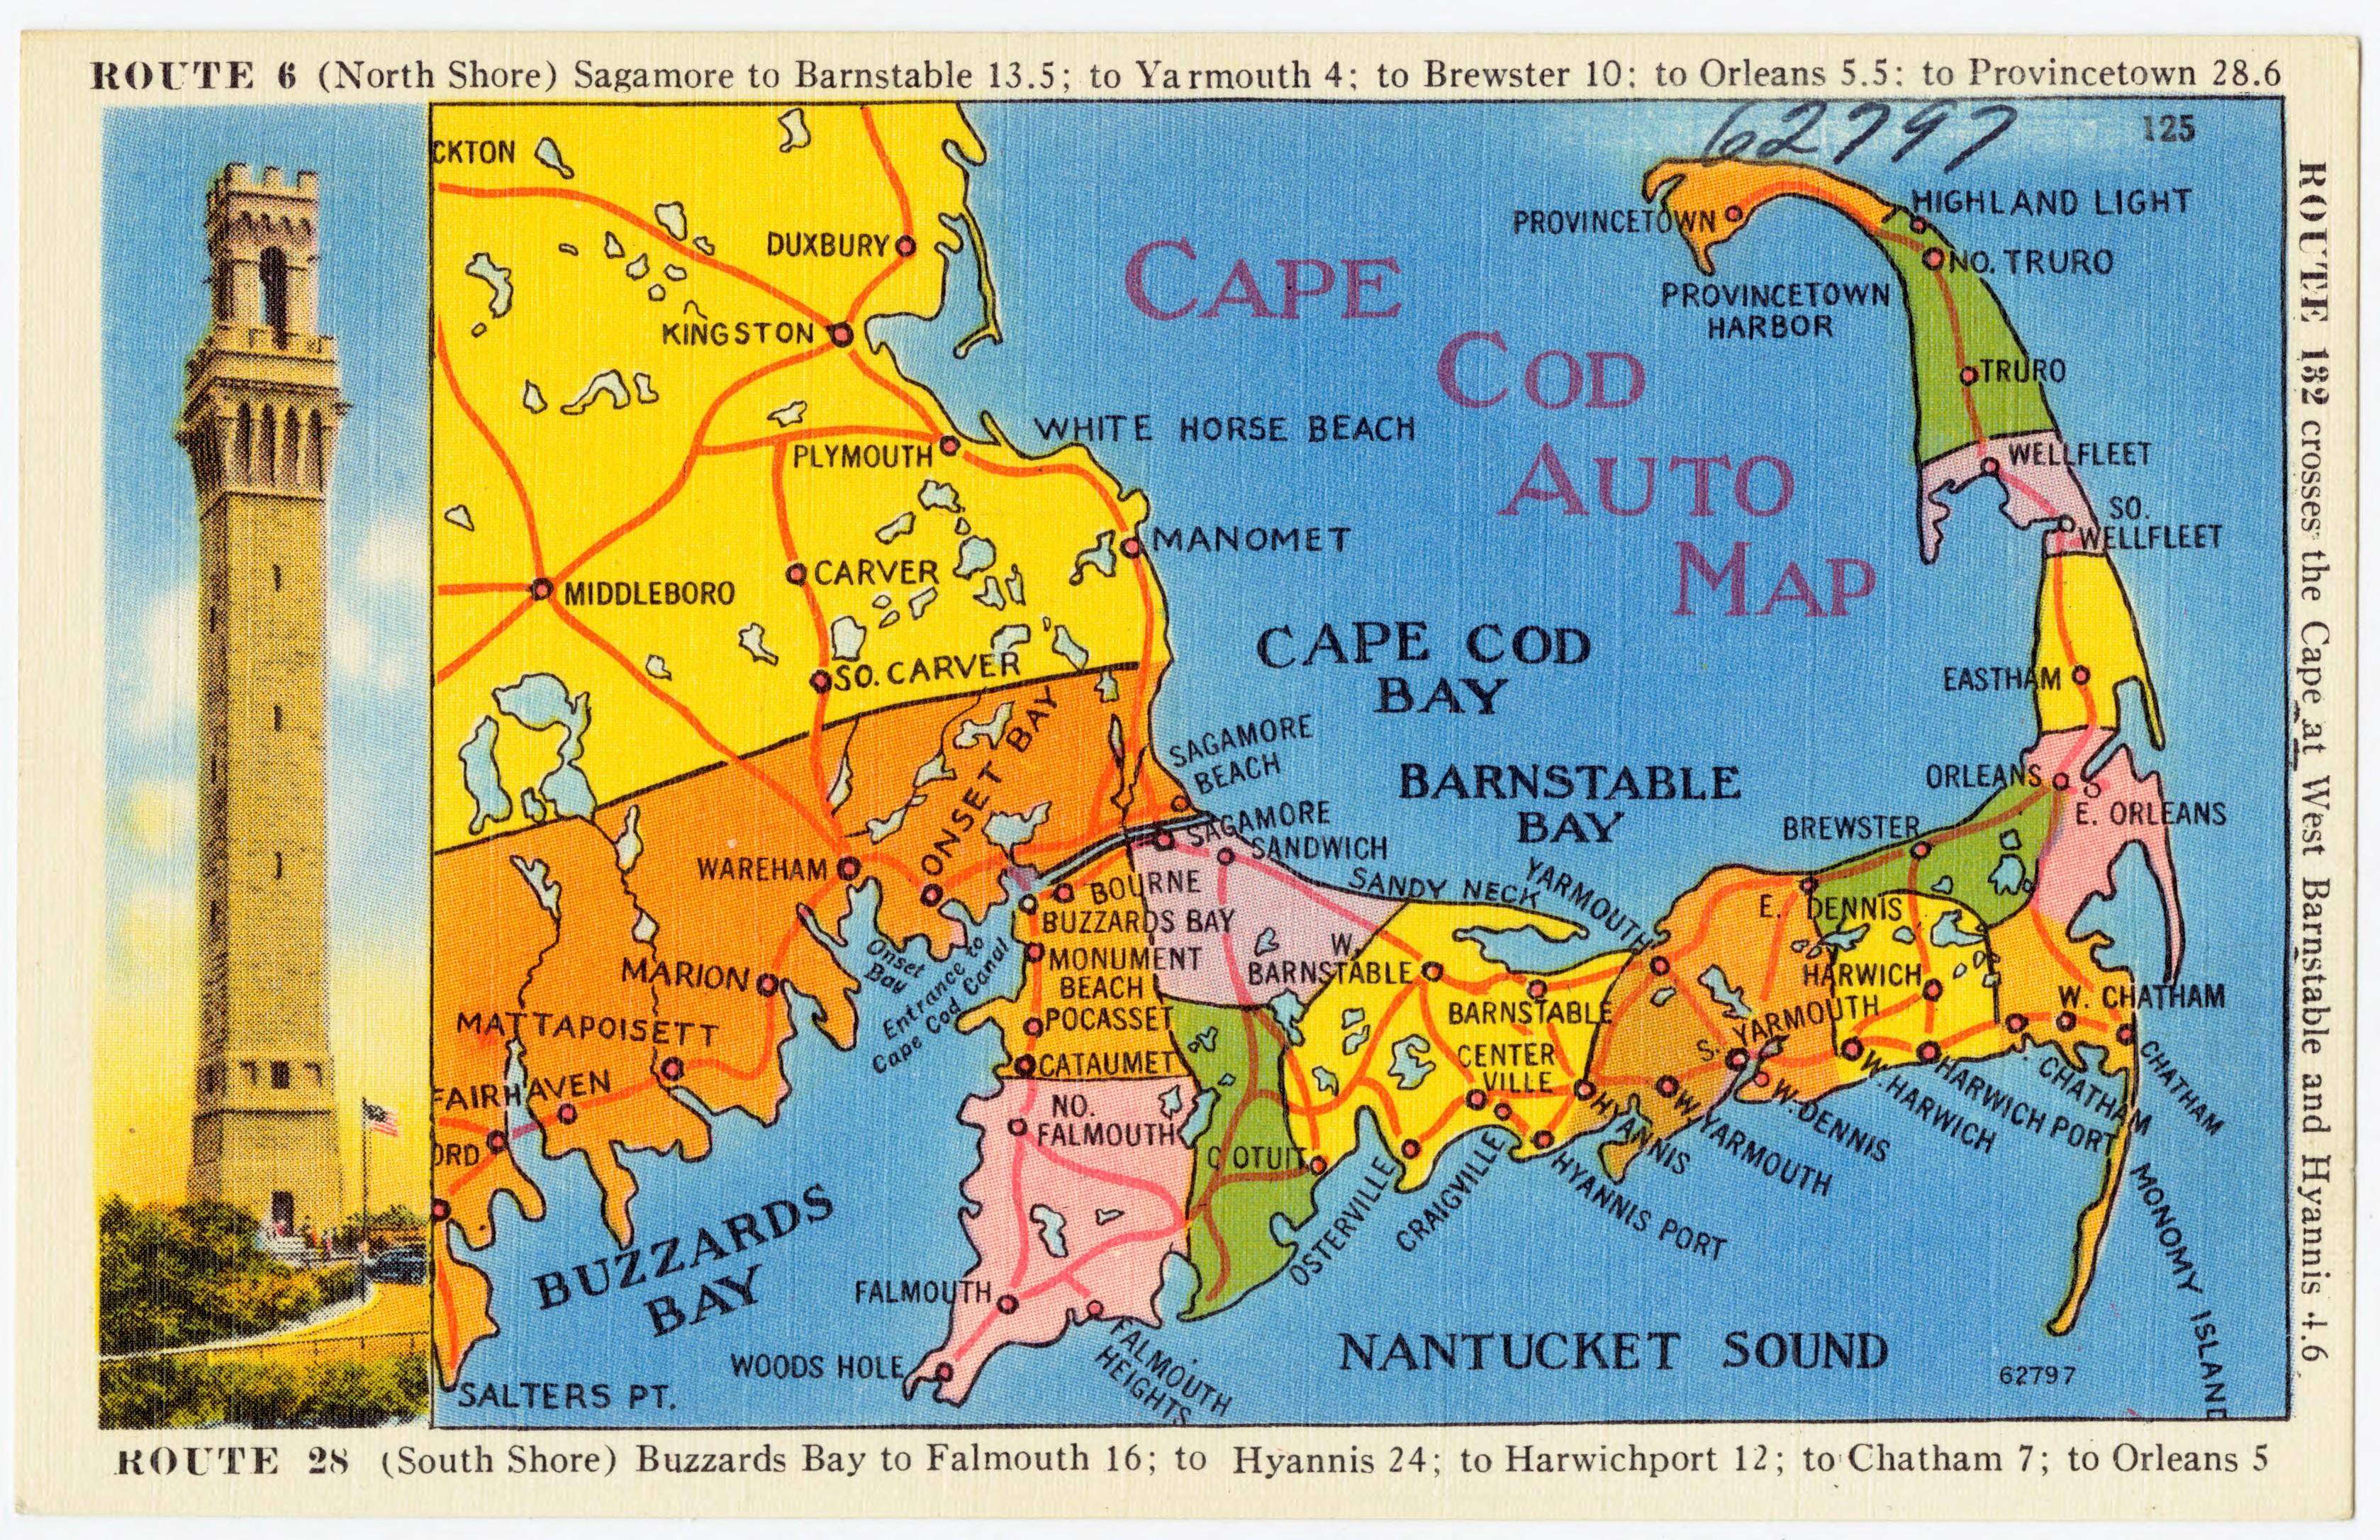 map boston cape cod File Cape Cod Auto Map 62797 Jpg Wikimedia Commons map boston cape cod